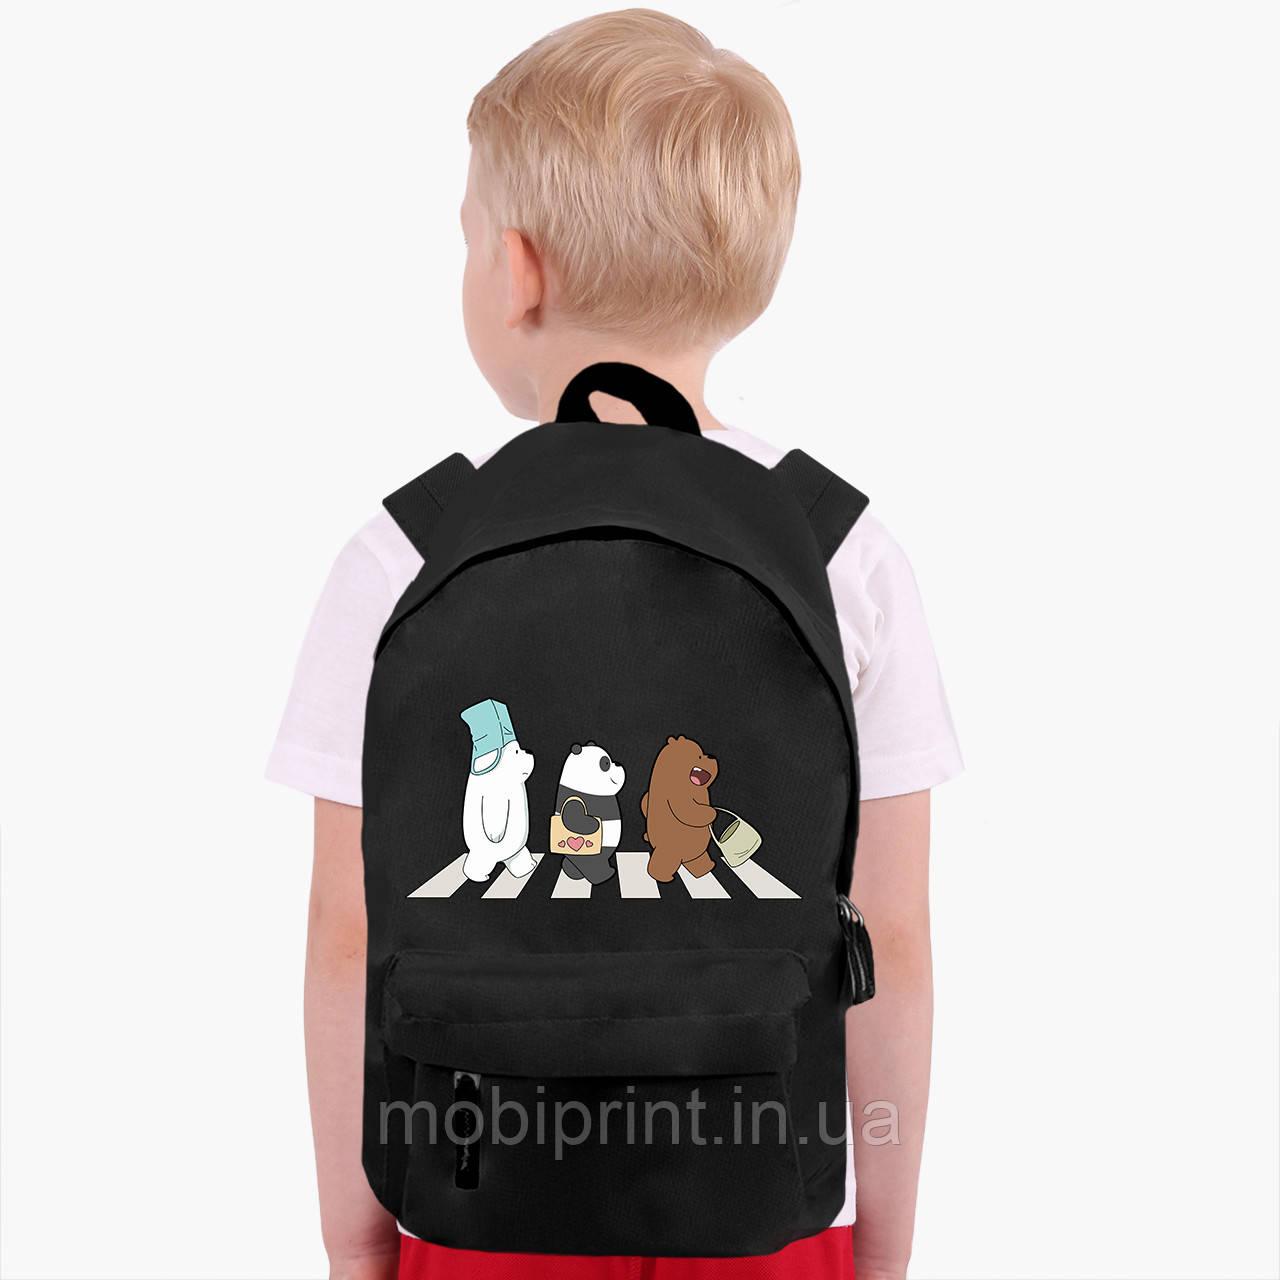 Дитячий рюкзак Вся правда про ведмедів (We Bare Bears) (9263-2666)